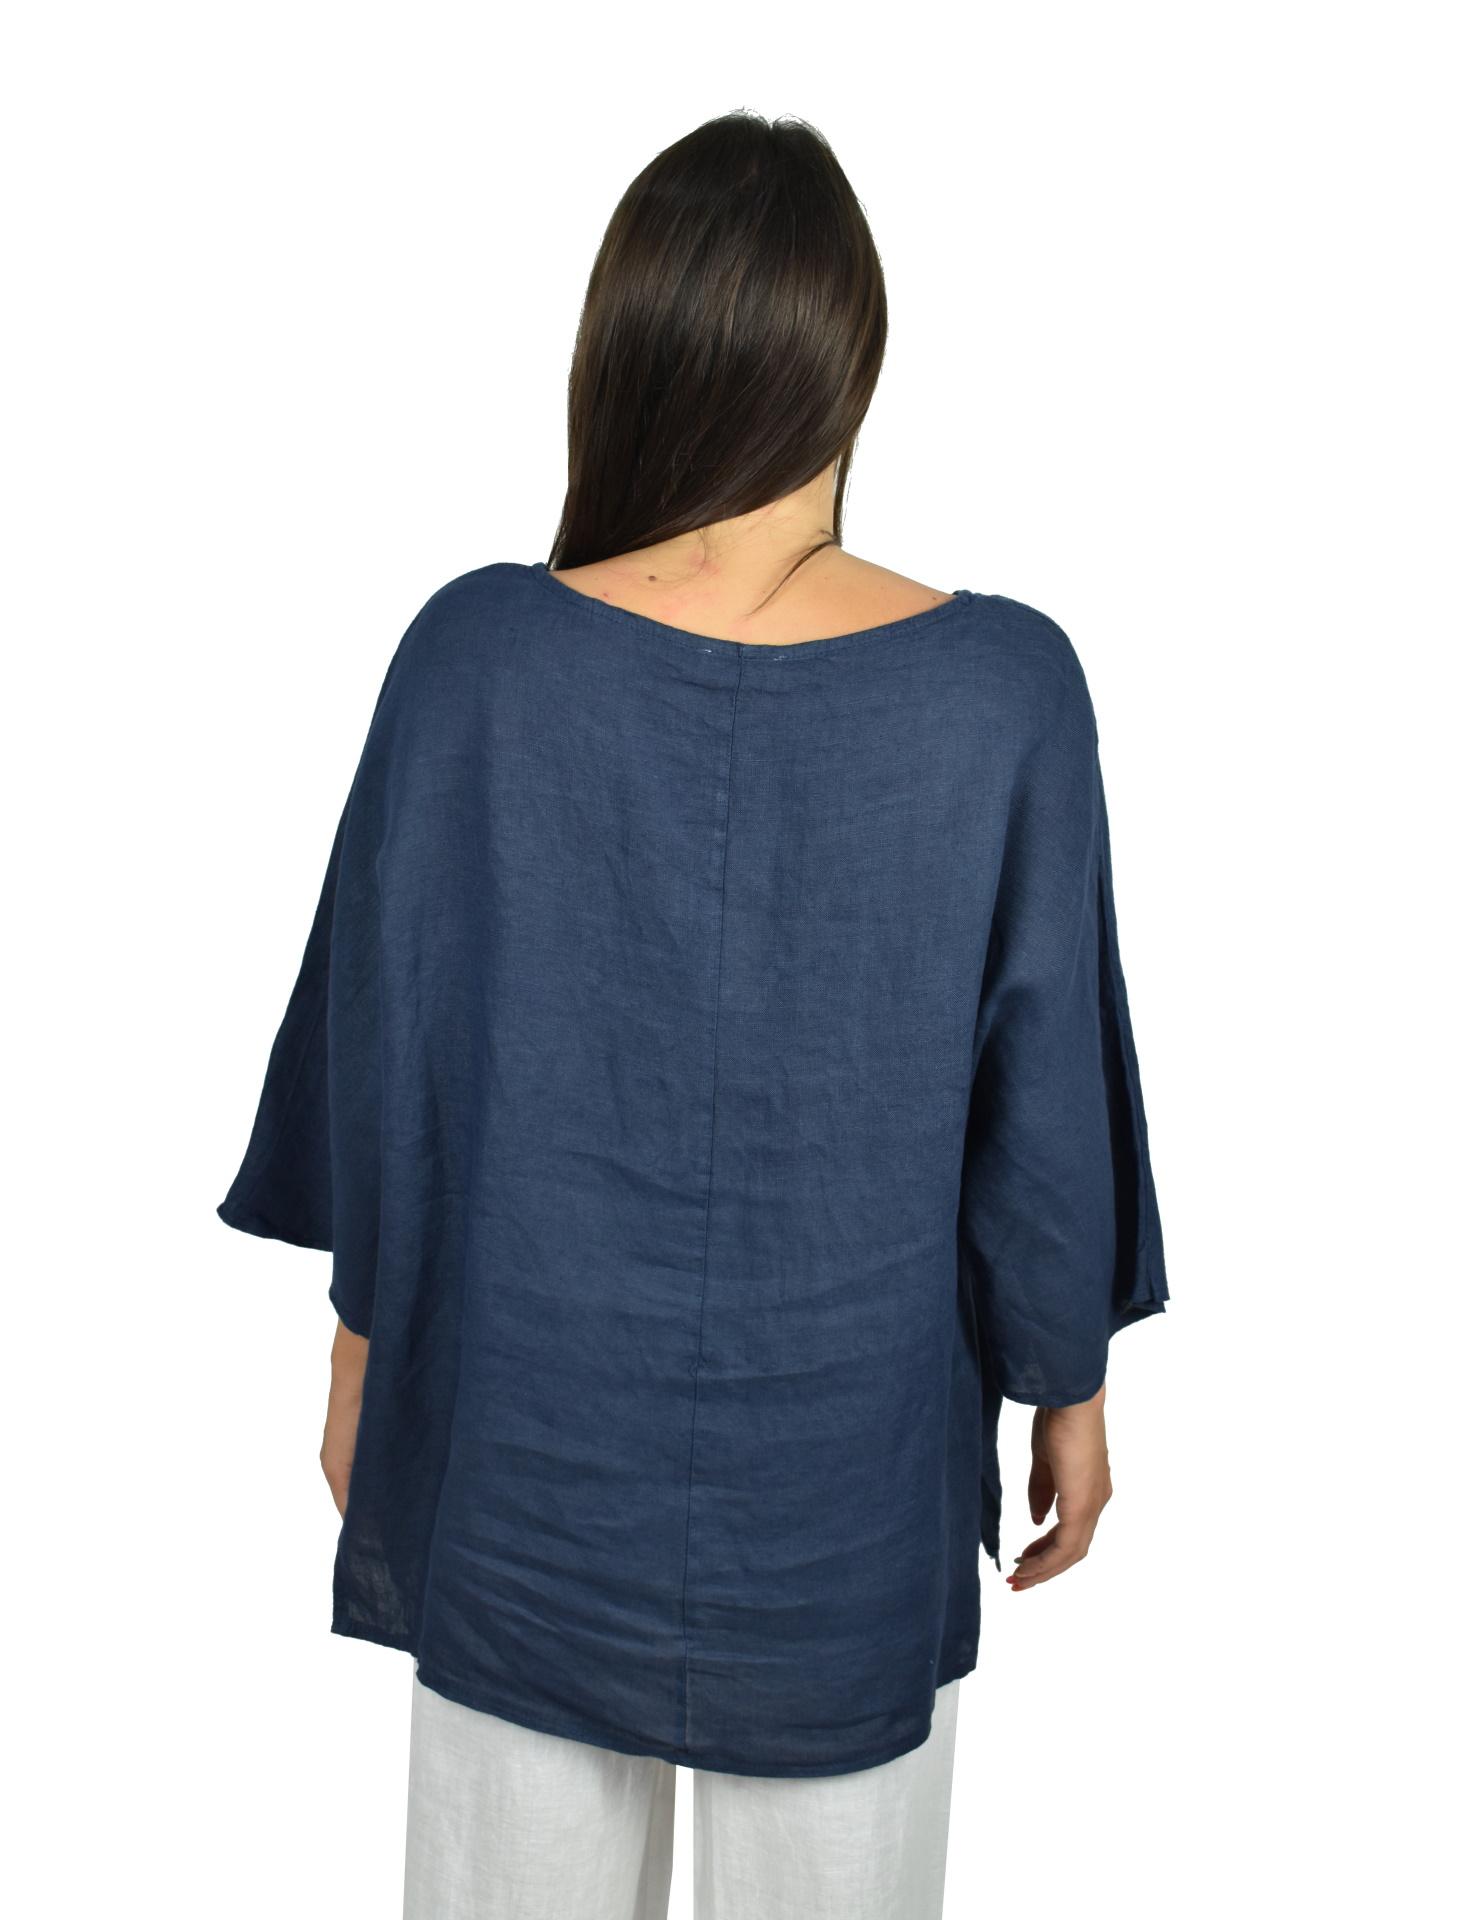 MAGMAXPE2101 BLU MAGLIA DA DONNA GIROCOLLO CON MANICA A 34 100 LINO 1 1stAmerican maglia da donna girocollo con manica a 3/4 100% lino Made in Italy - t-shirt manica corta da donna mare in lino